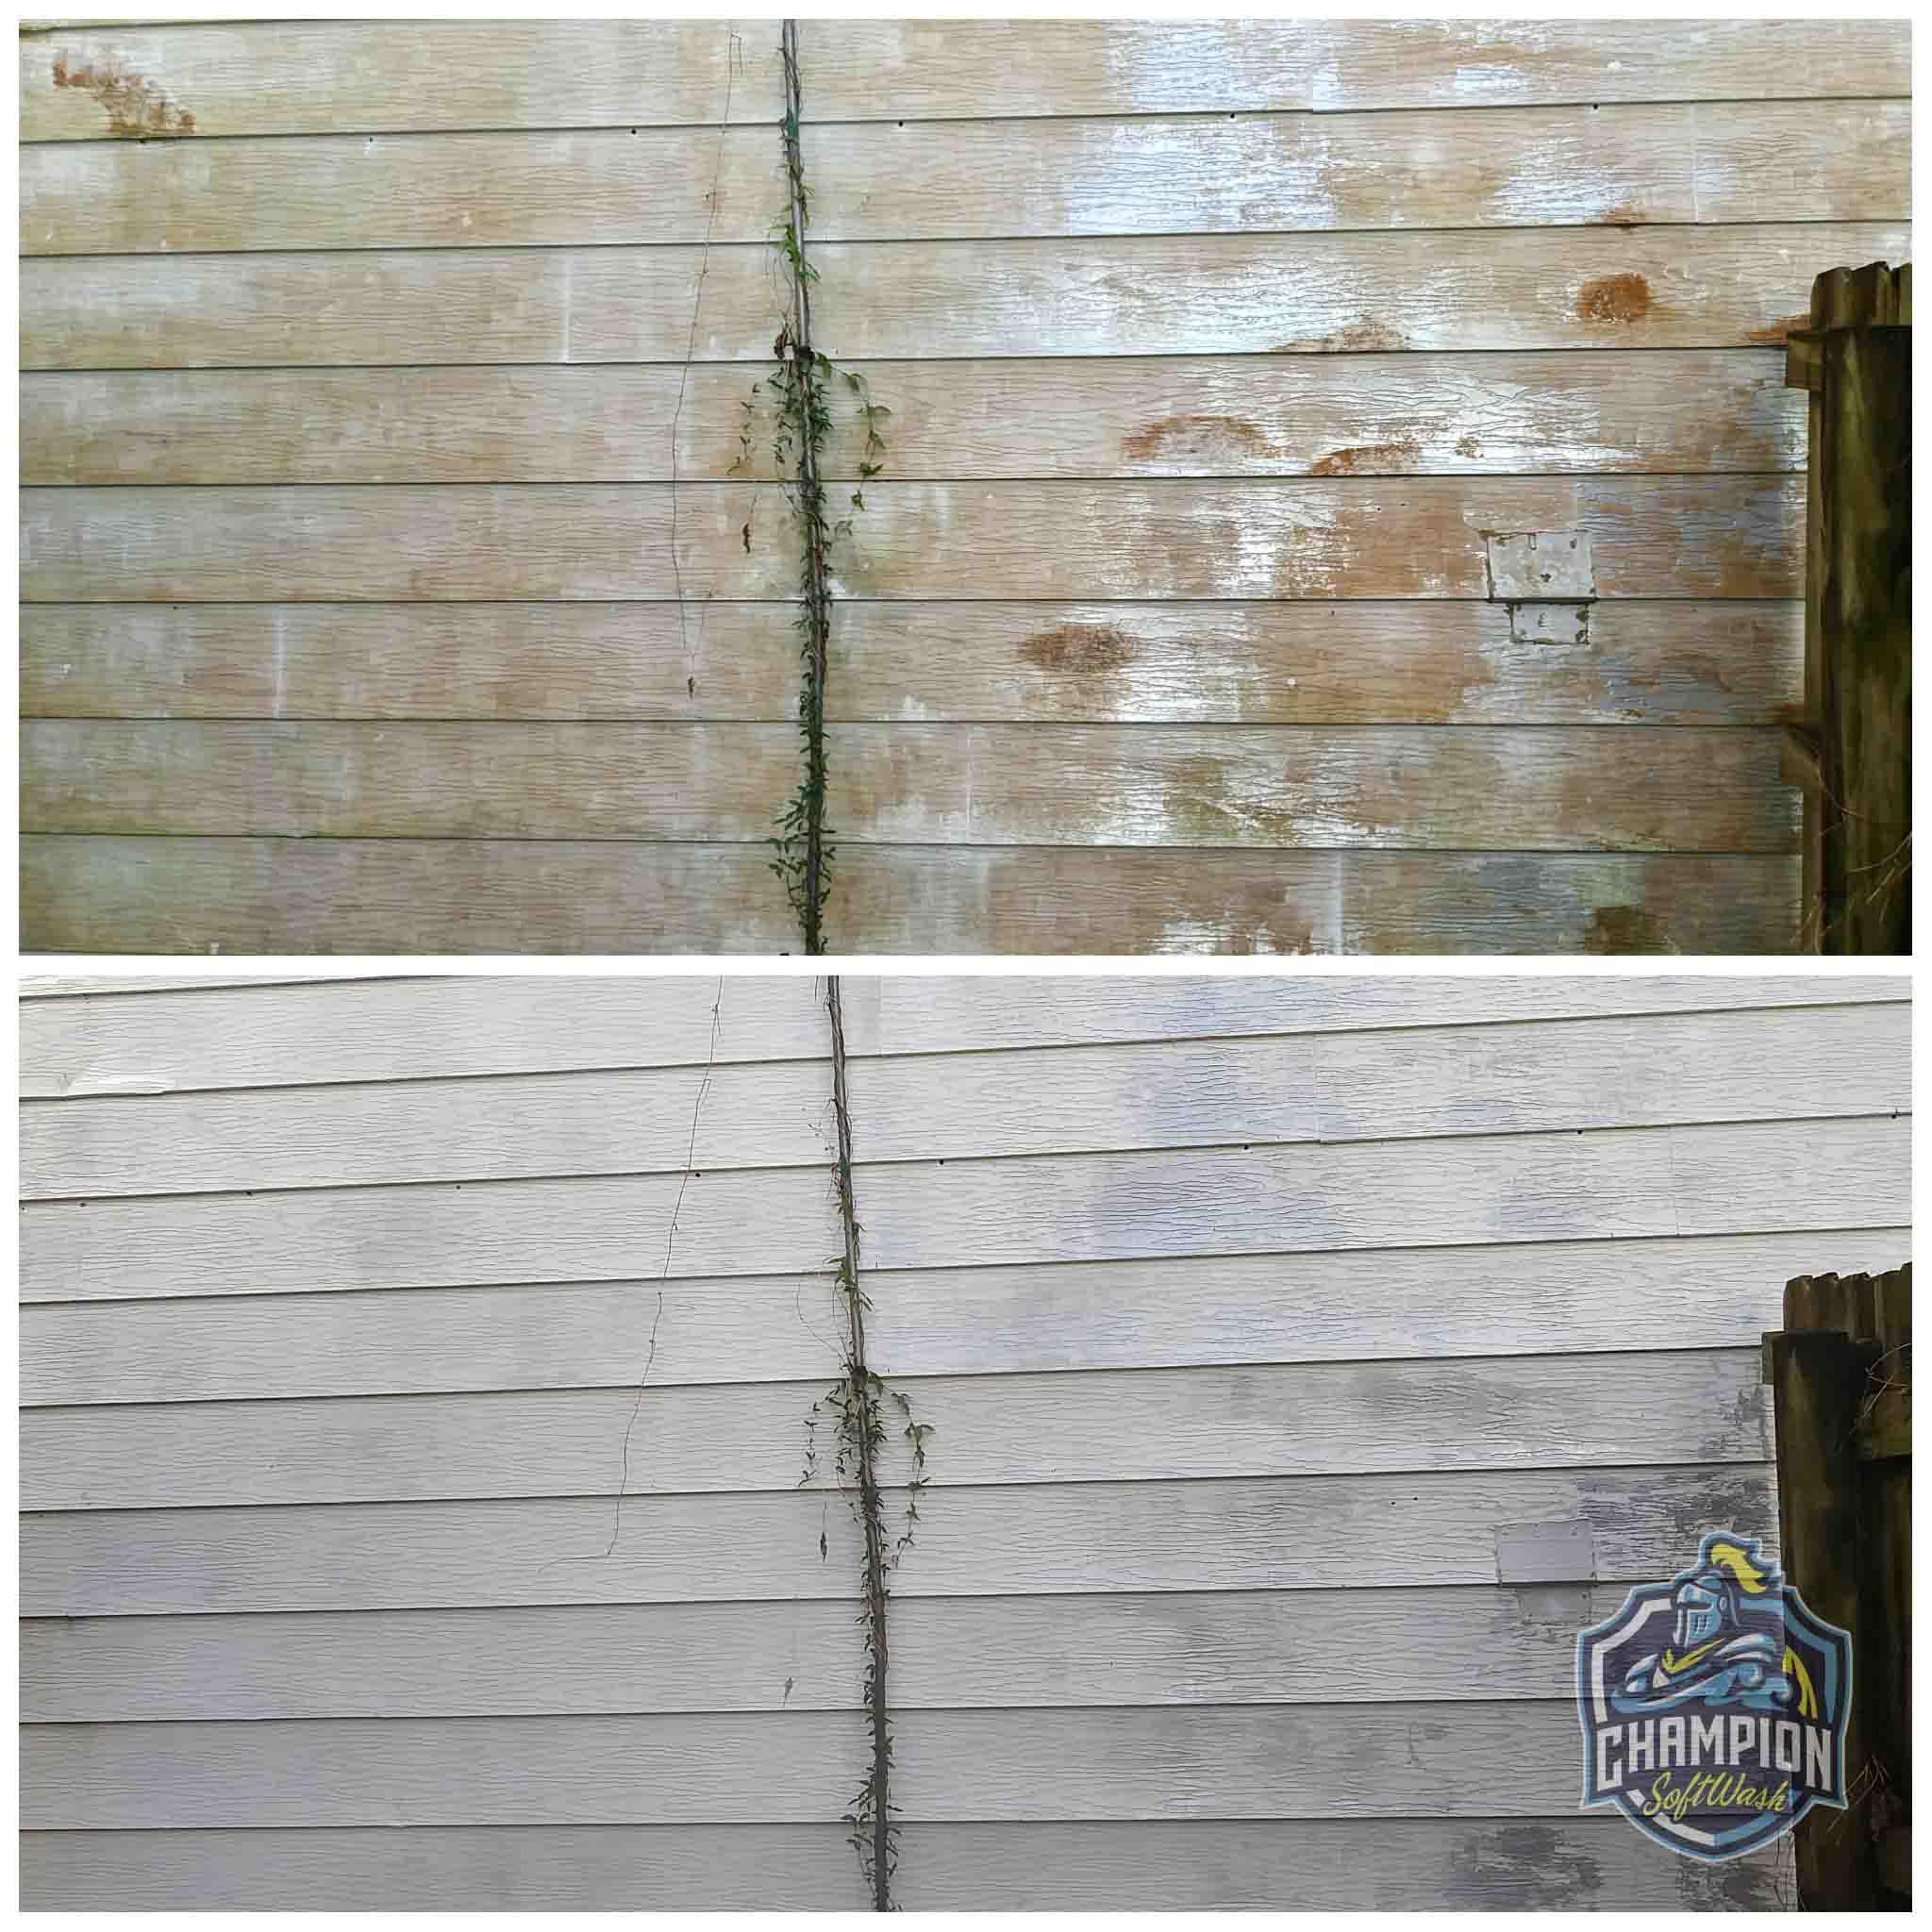 Aluminum siding soft washing, pressure washing, house wash, dirty house